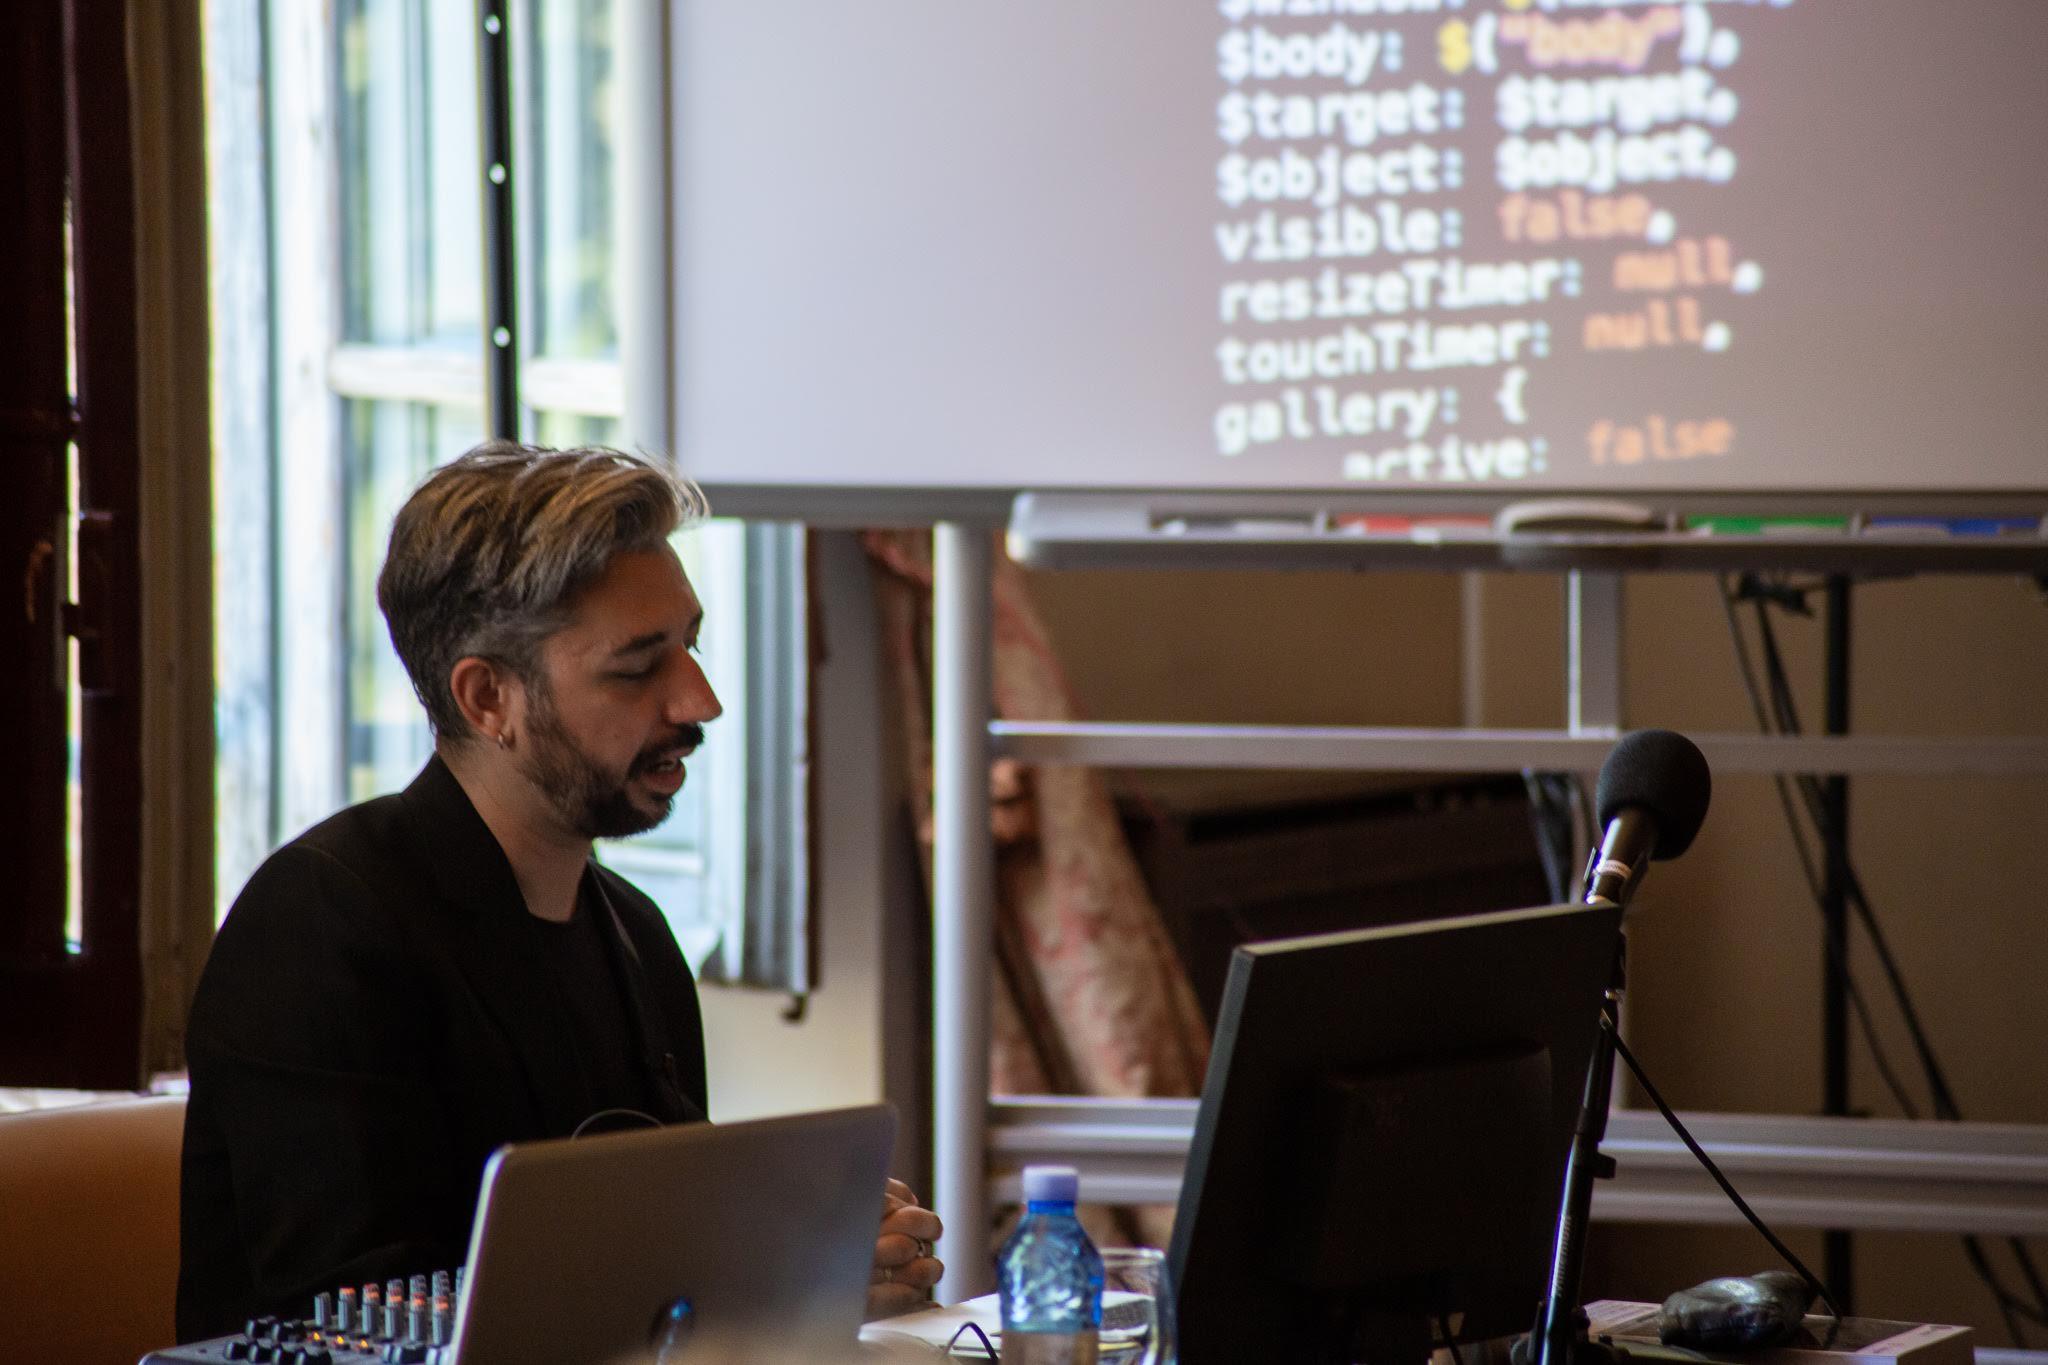 La tesis doctoral de Javier Cantón, miembro de Medialab UGR recibe un premio nacional como una de las mejores en Comunicación